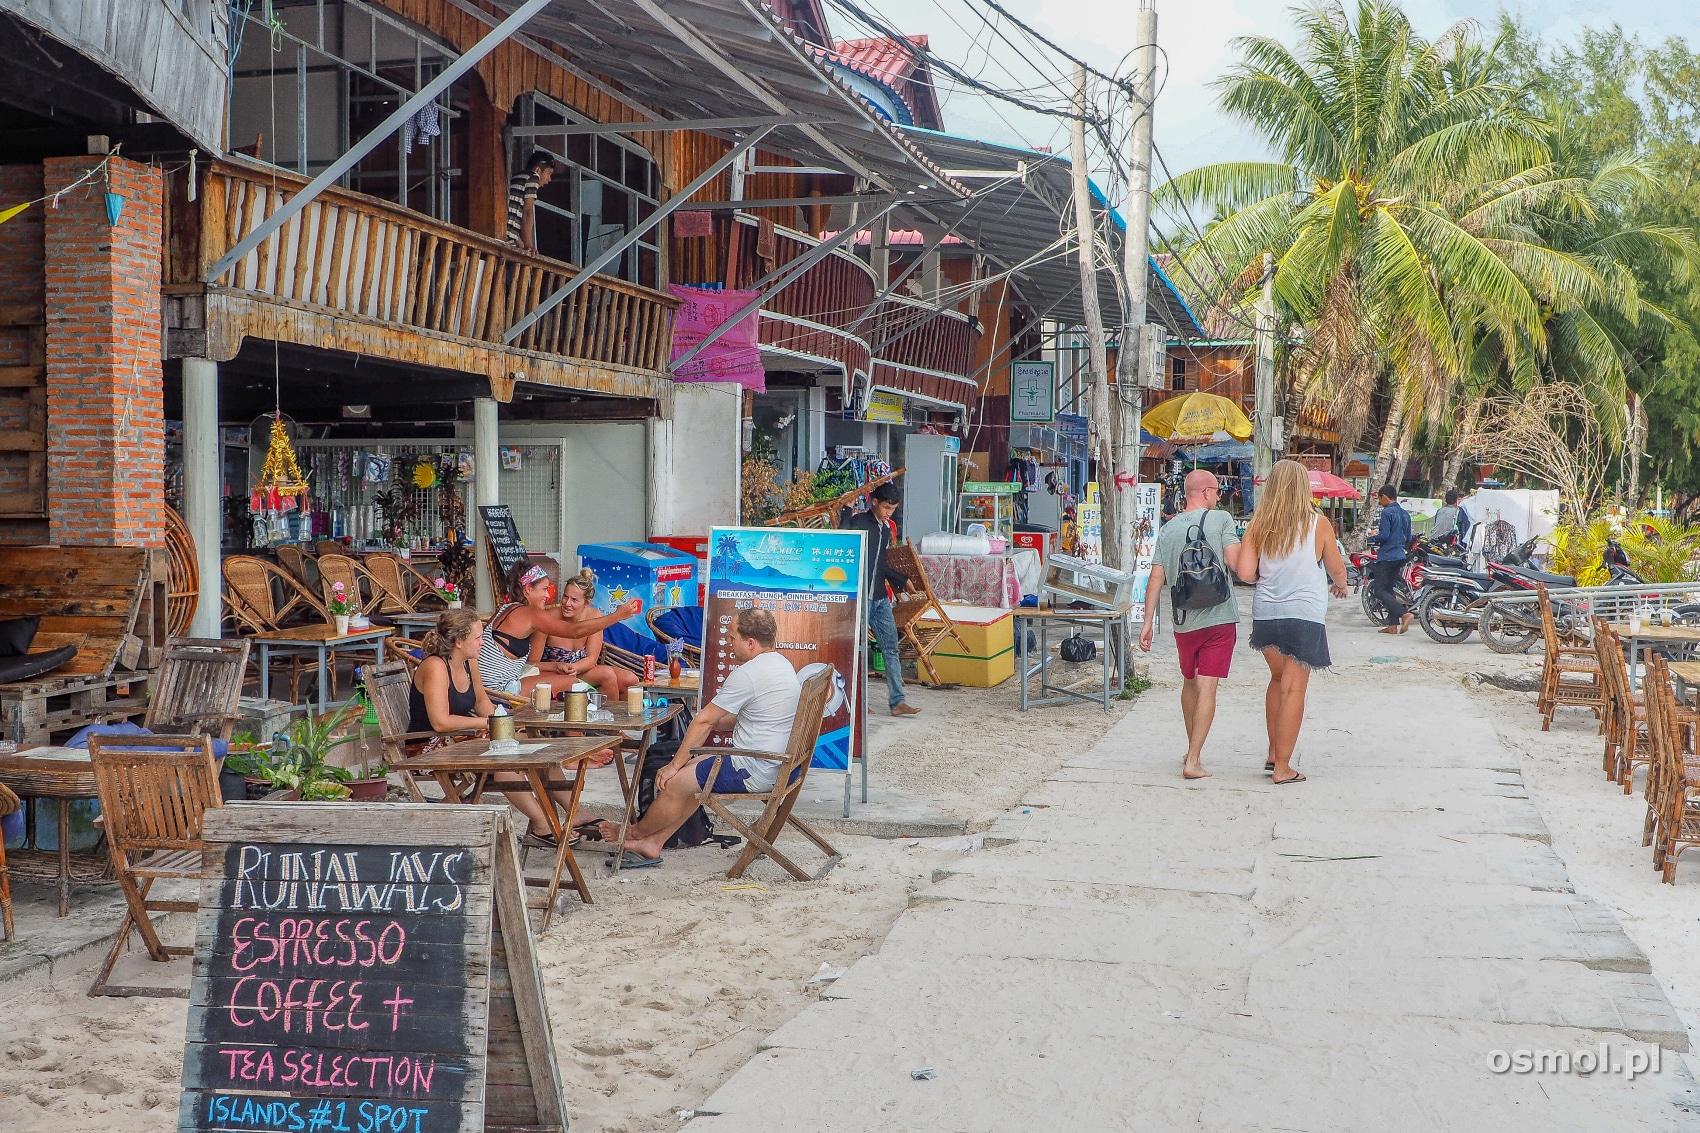 Deptak w Koh Touch - w tej miejscowości zatrzymuję się najwięcej turystów